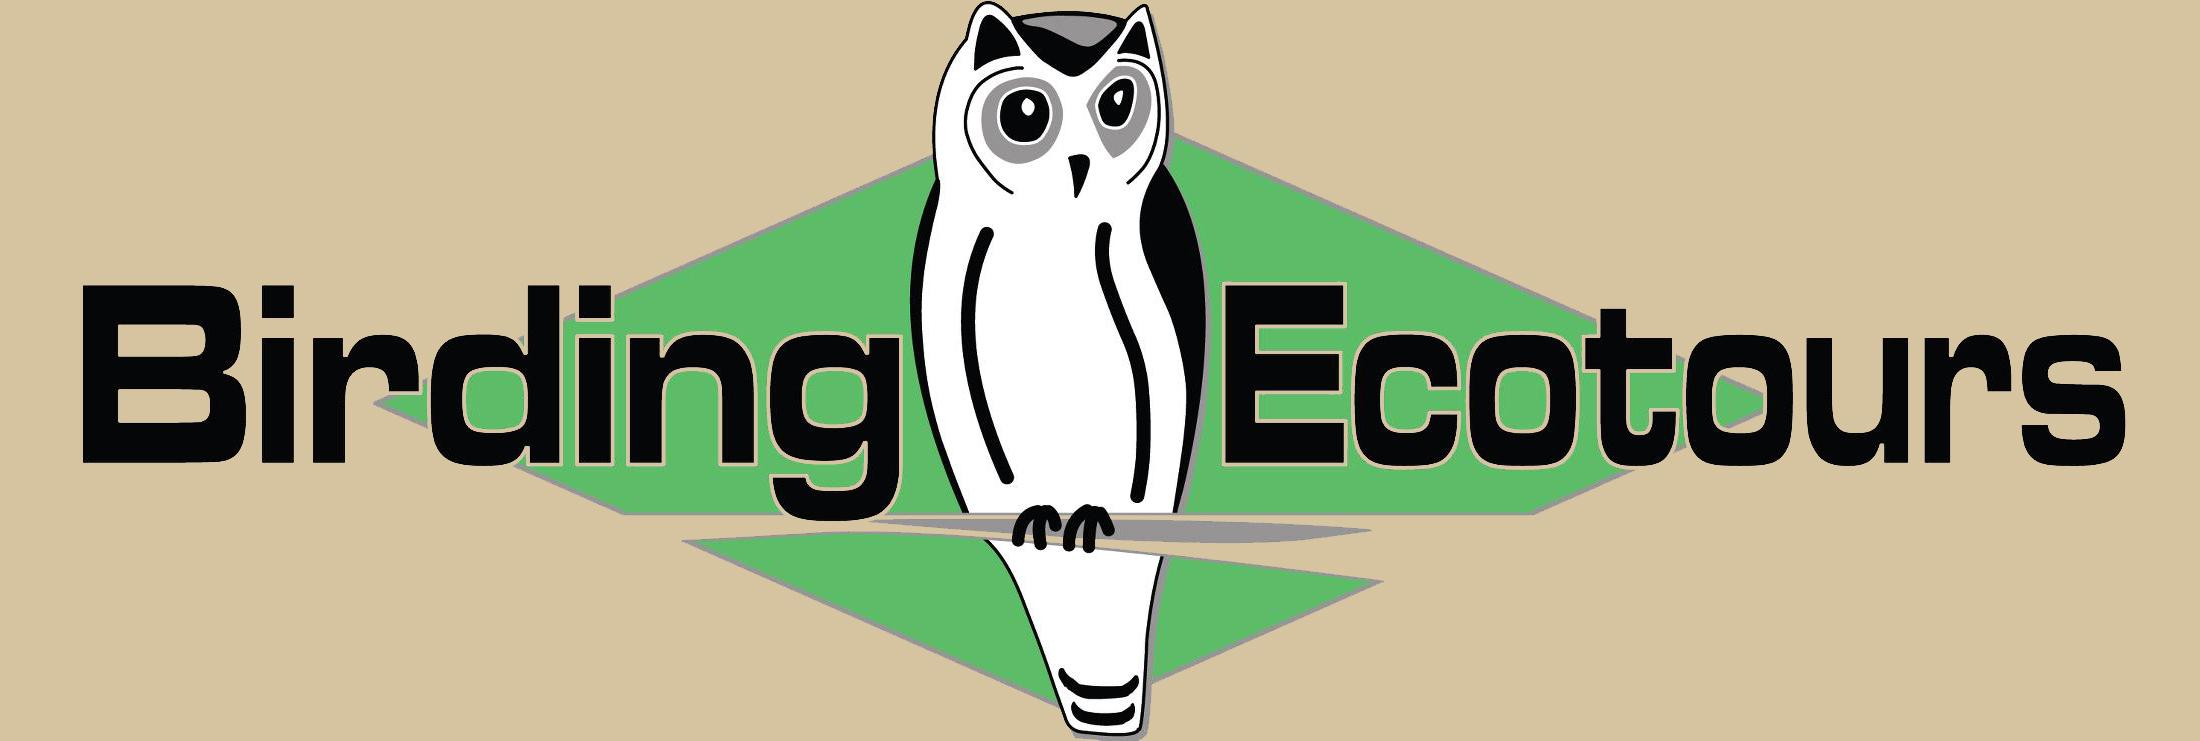 Birding Ecotours